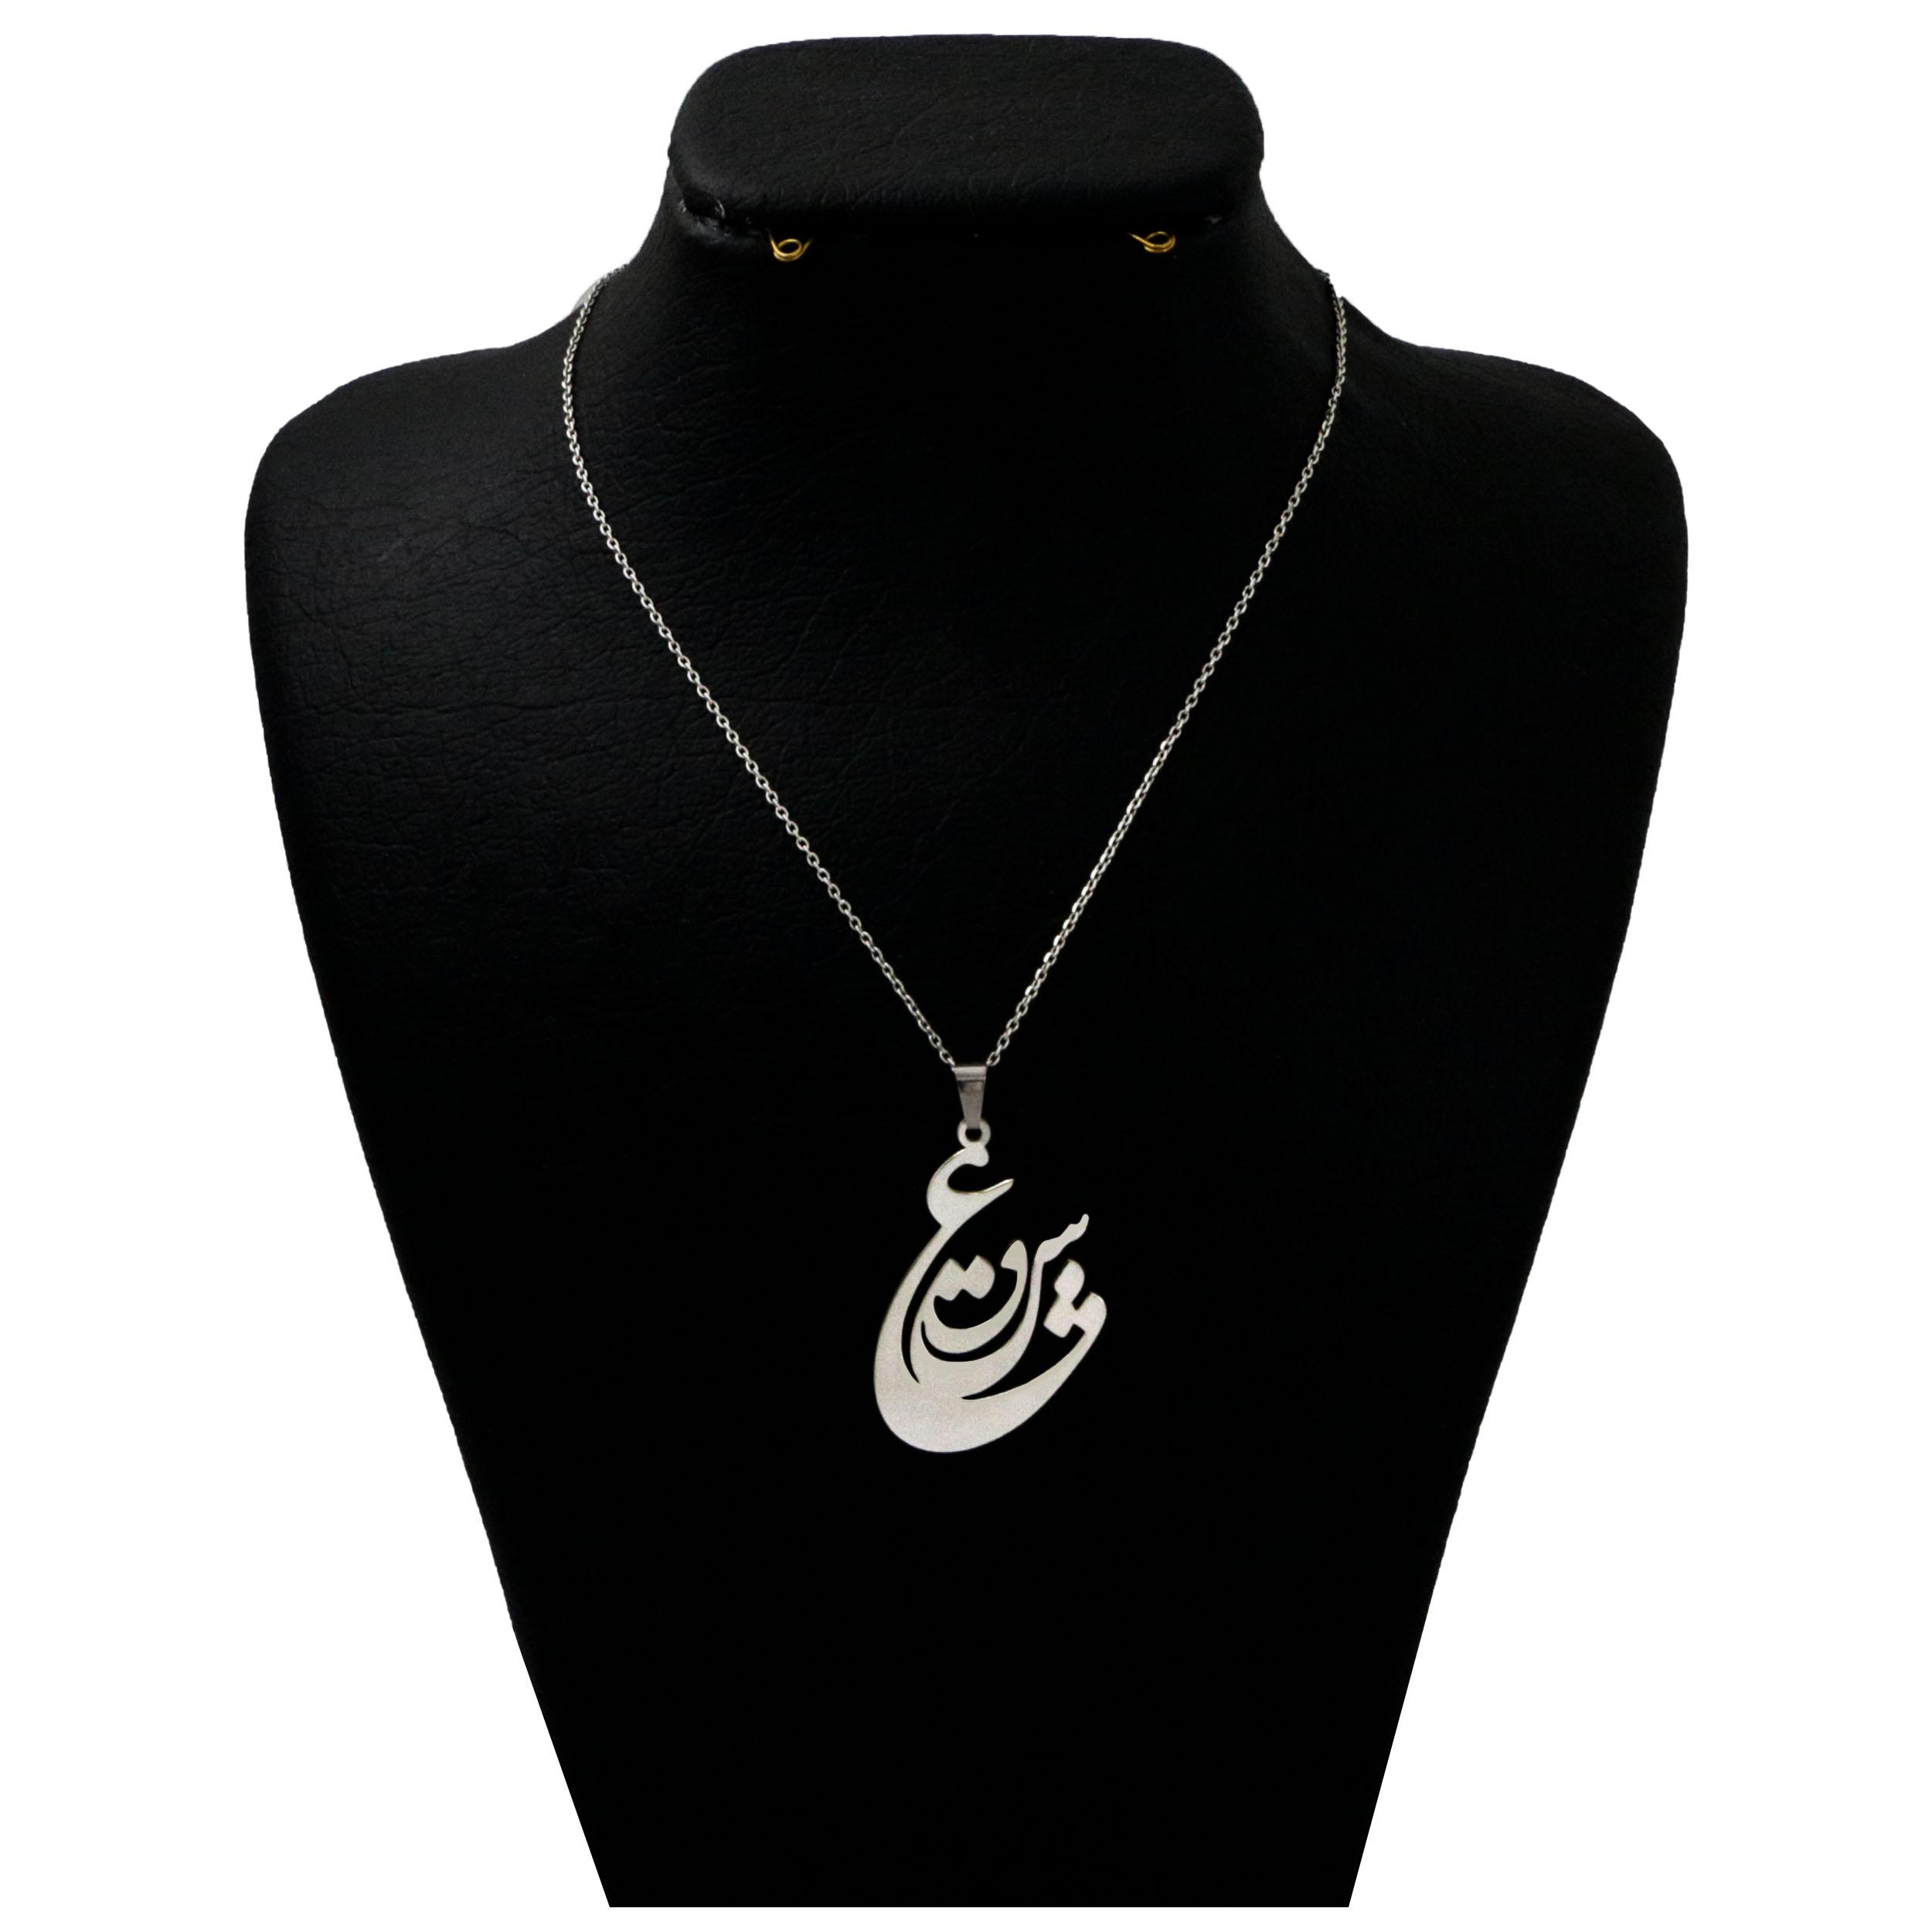 گردنبند نقره زنانه دلی جم طرح عشق2 کد D 318